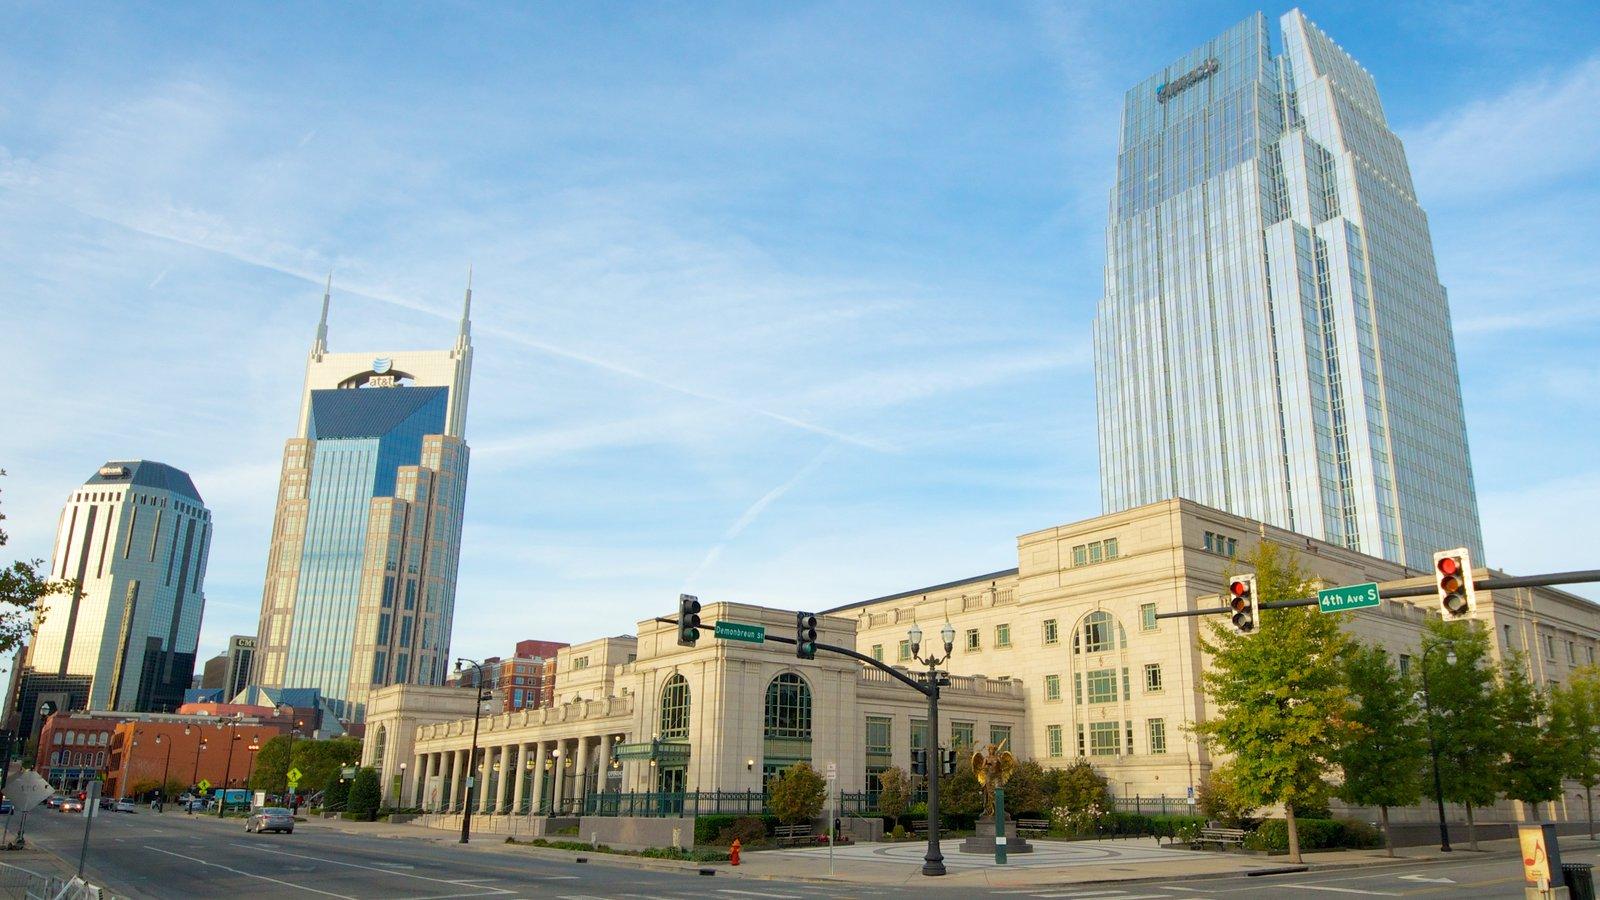 Country Music Hall of Fame and Museum mostrando horizonte, distrito financiero central y una ciudad